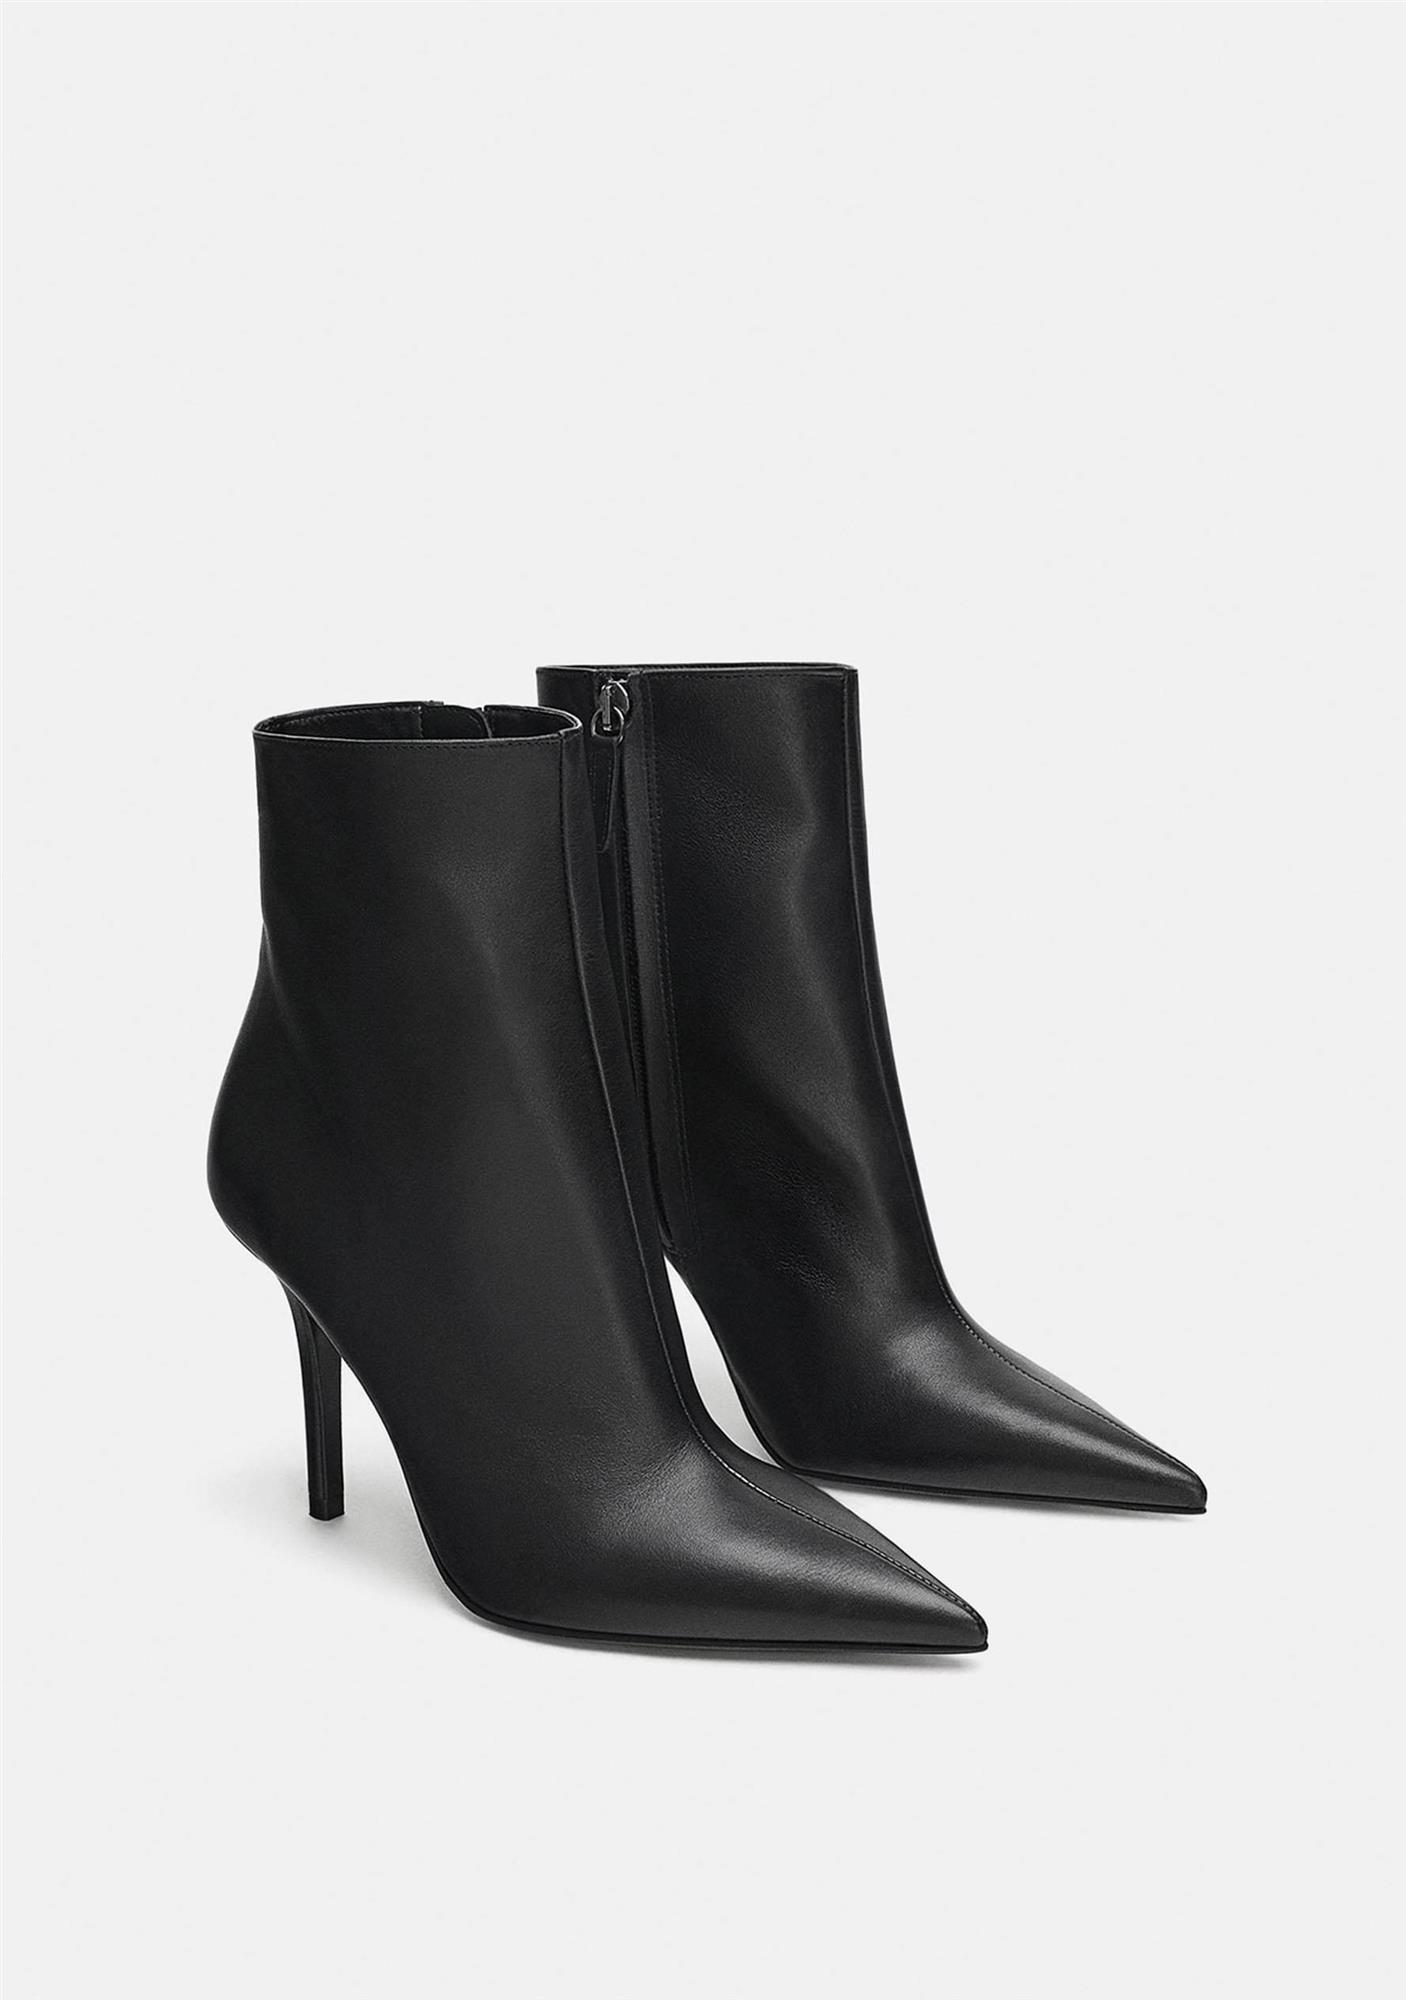 3c584a3e17ce4 Botines negros mujer para el invierno 2019  20 modelos que no pasan ...